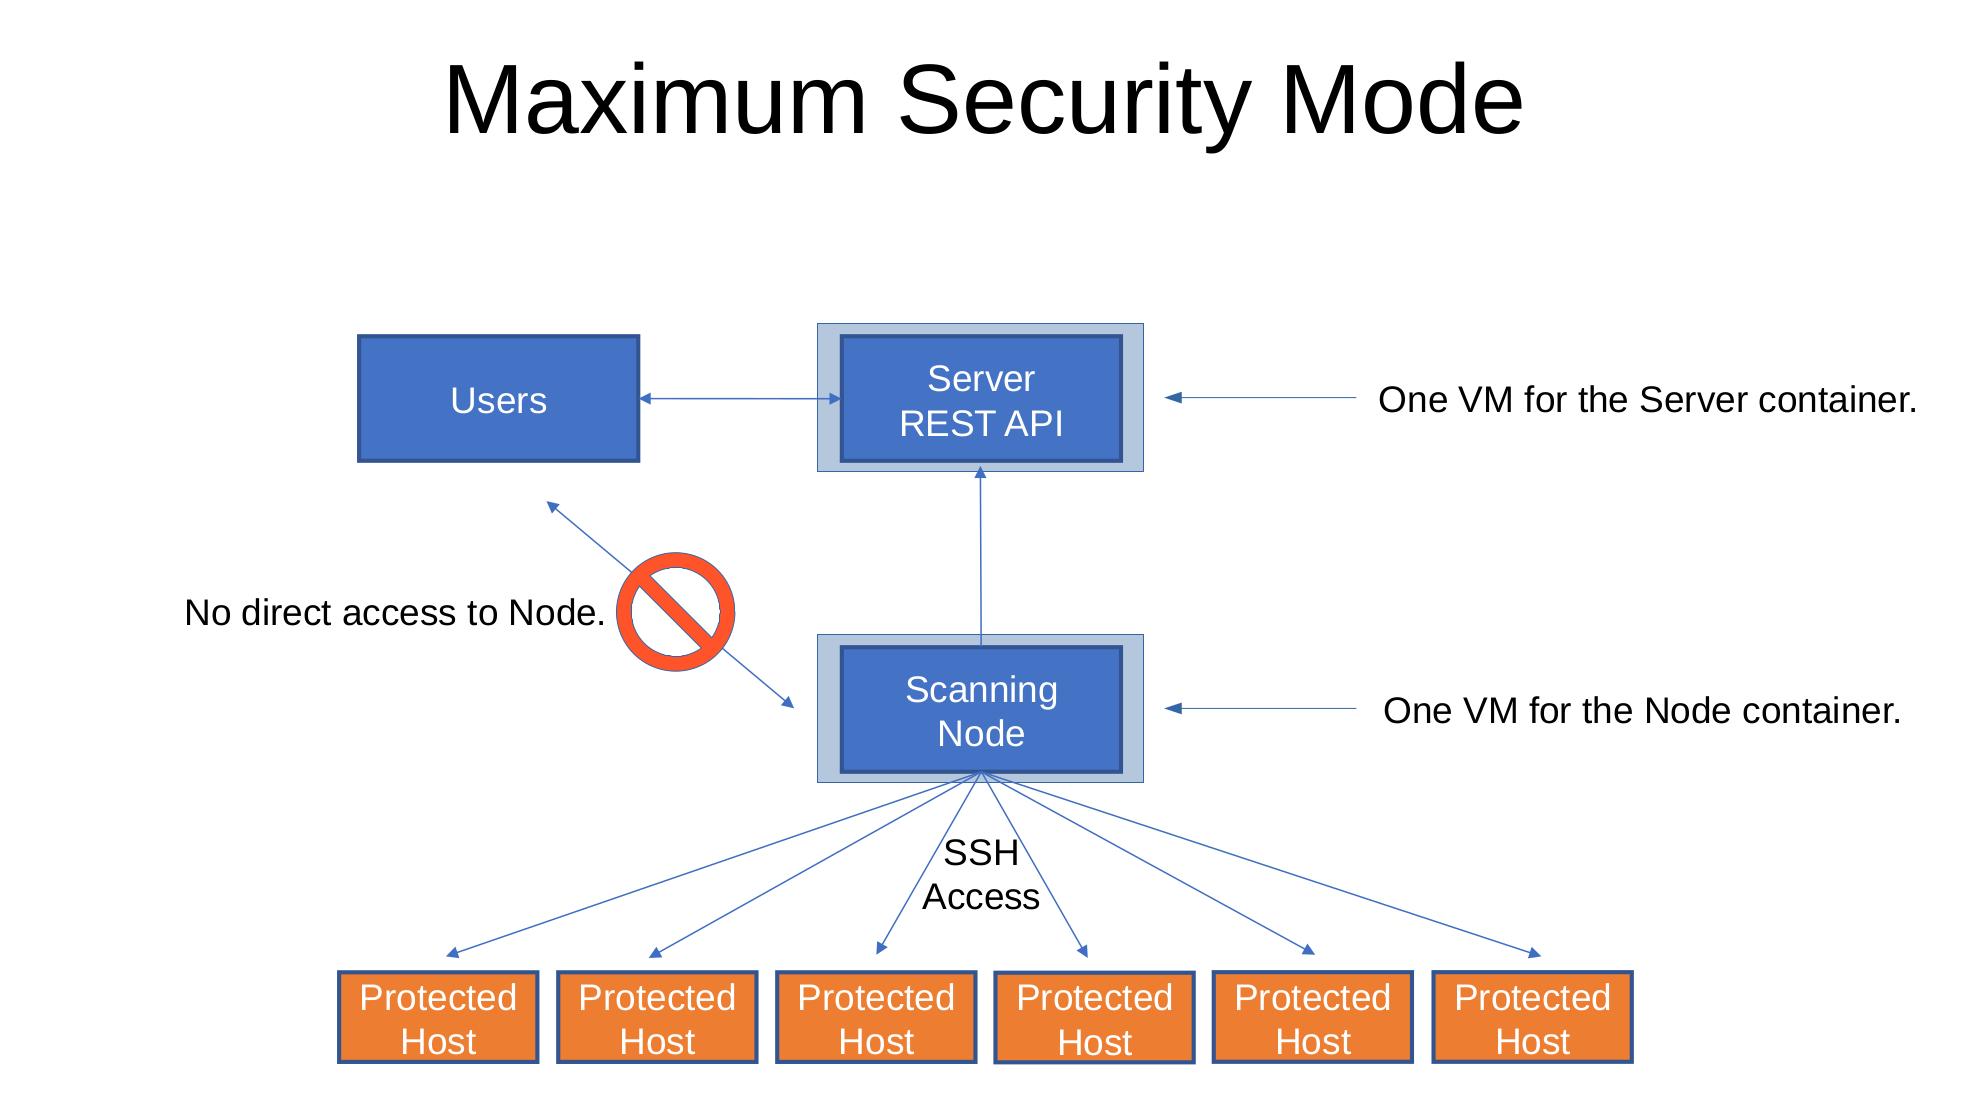 Maximum Security Mode